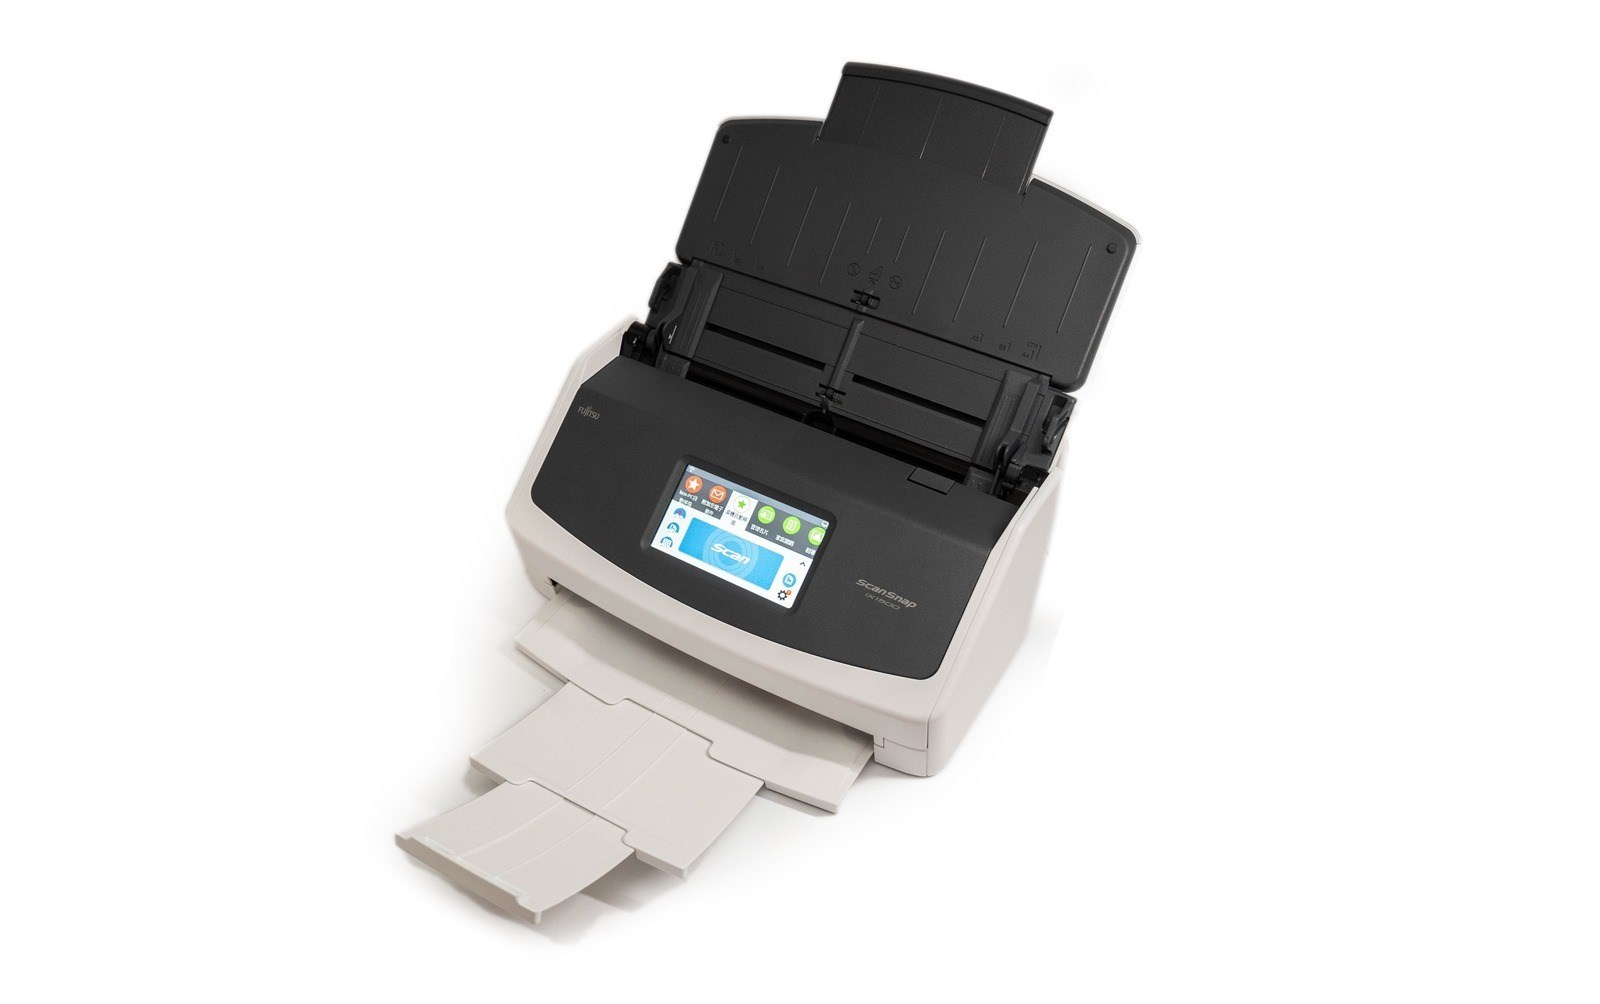 【開箱】Fujitsu ScanSnap iX1500 掃瞄器更全能,自炊掃描神器更進化!每分鐘 60 面超快掃描!